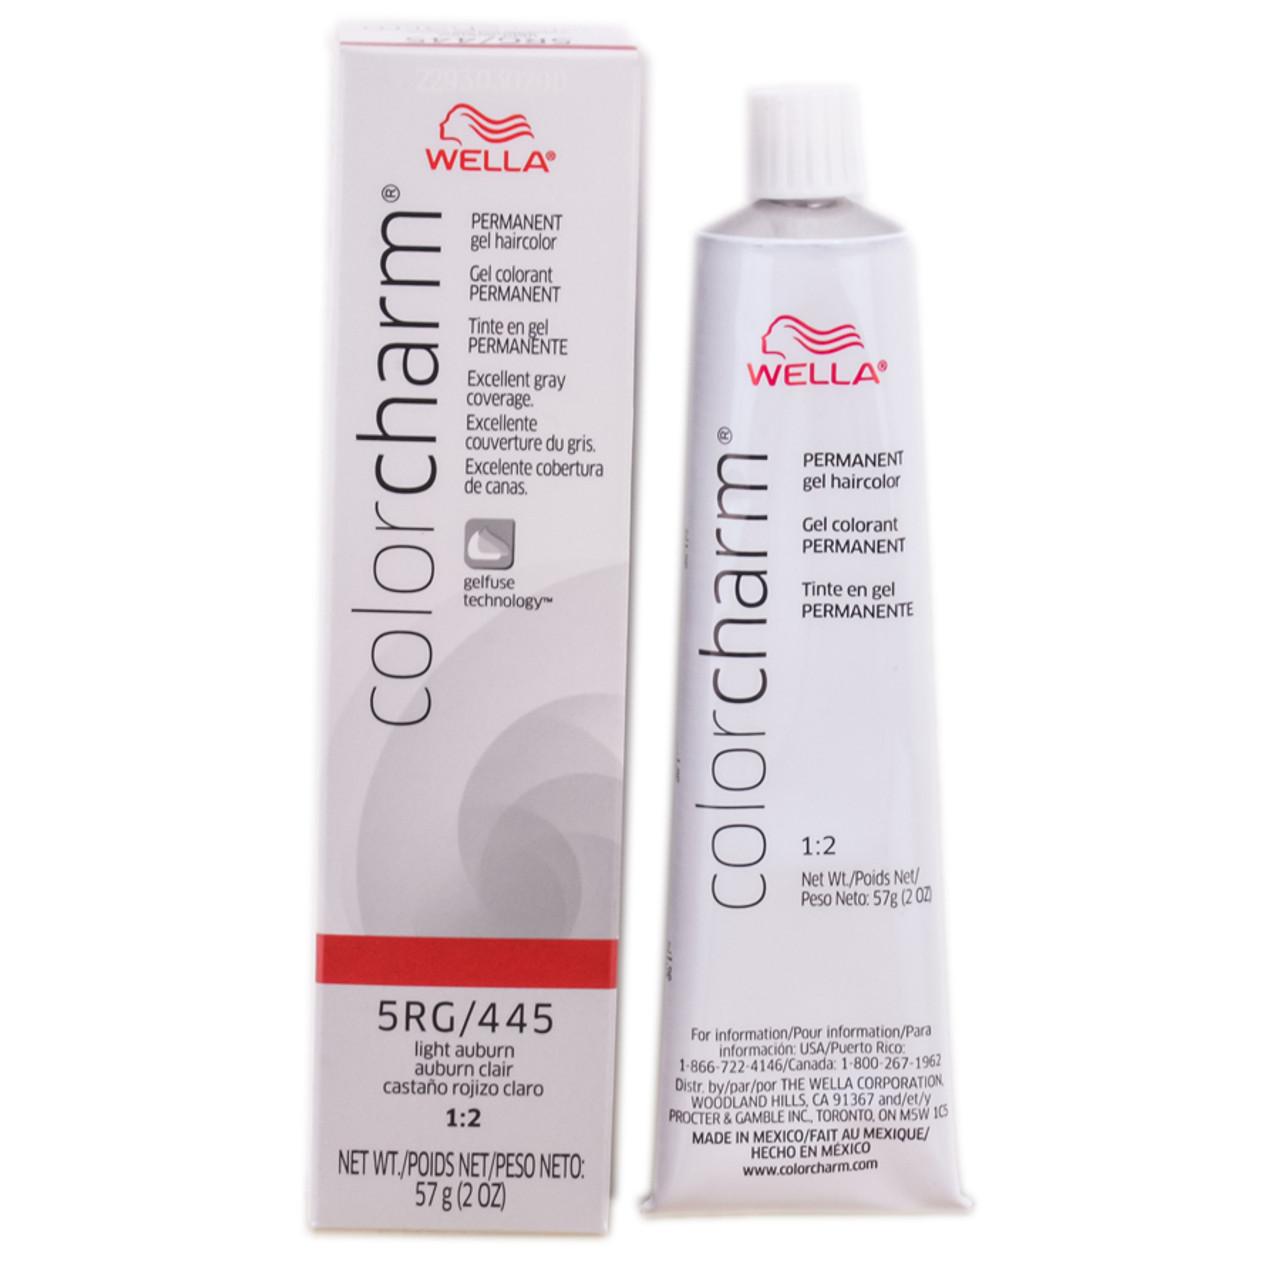 Wella Color Charm Gel Permanent Tube Haircolor - SleekShop.com ...